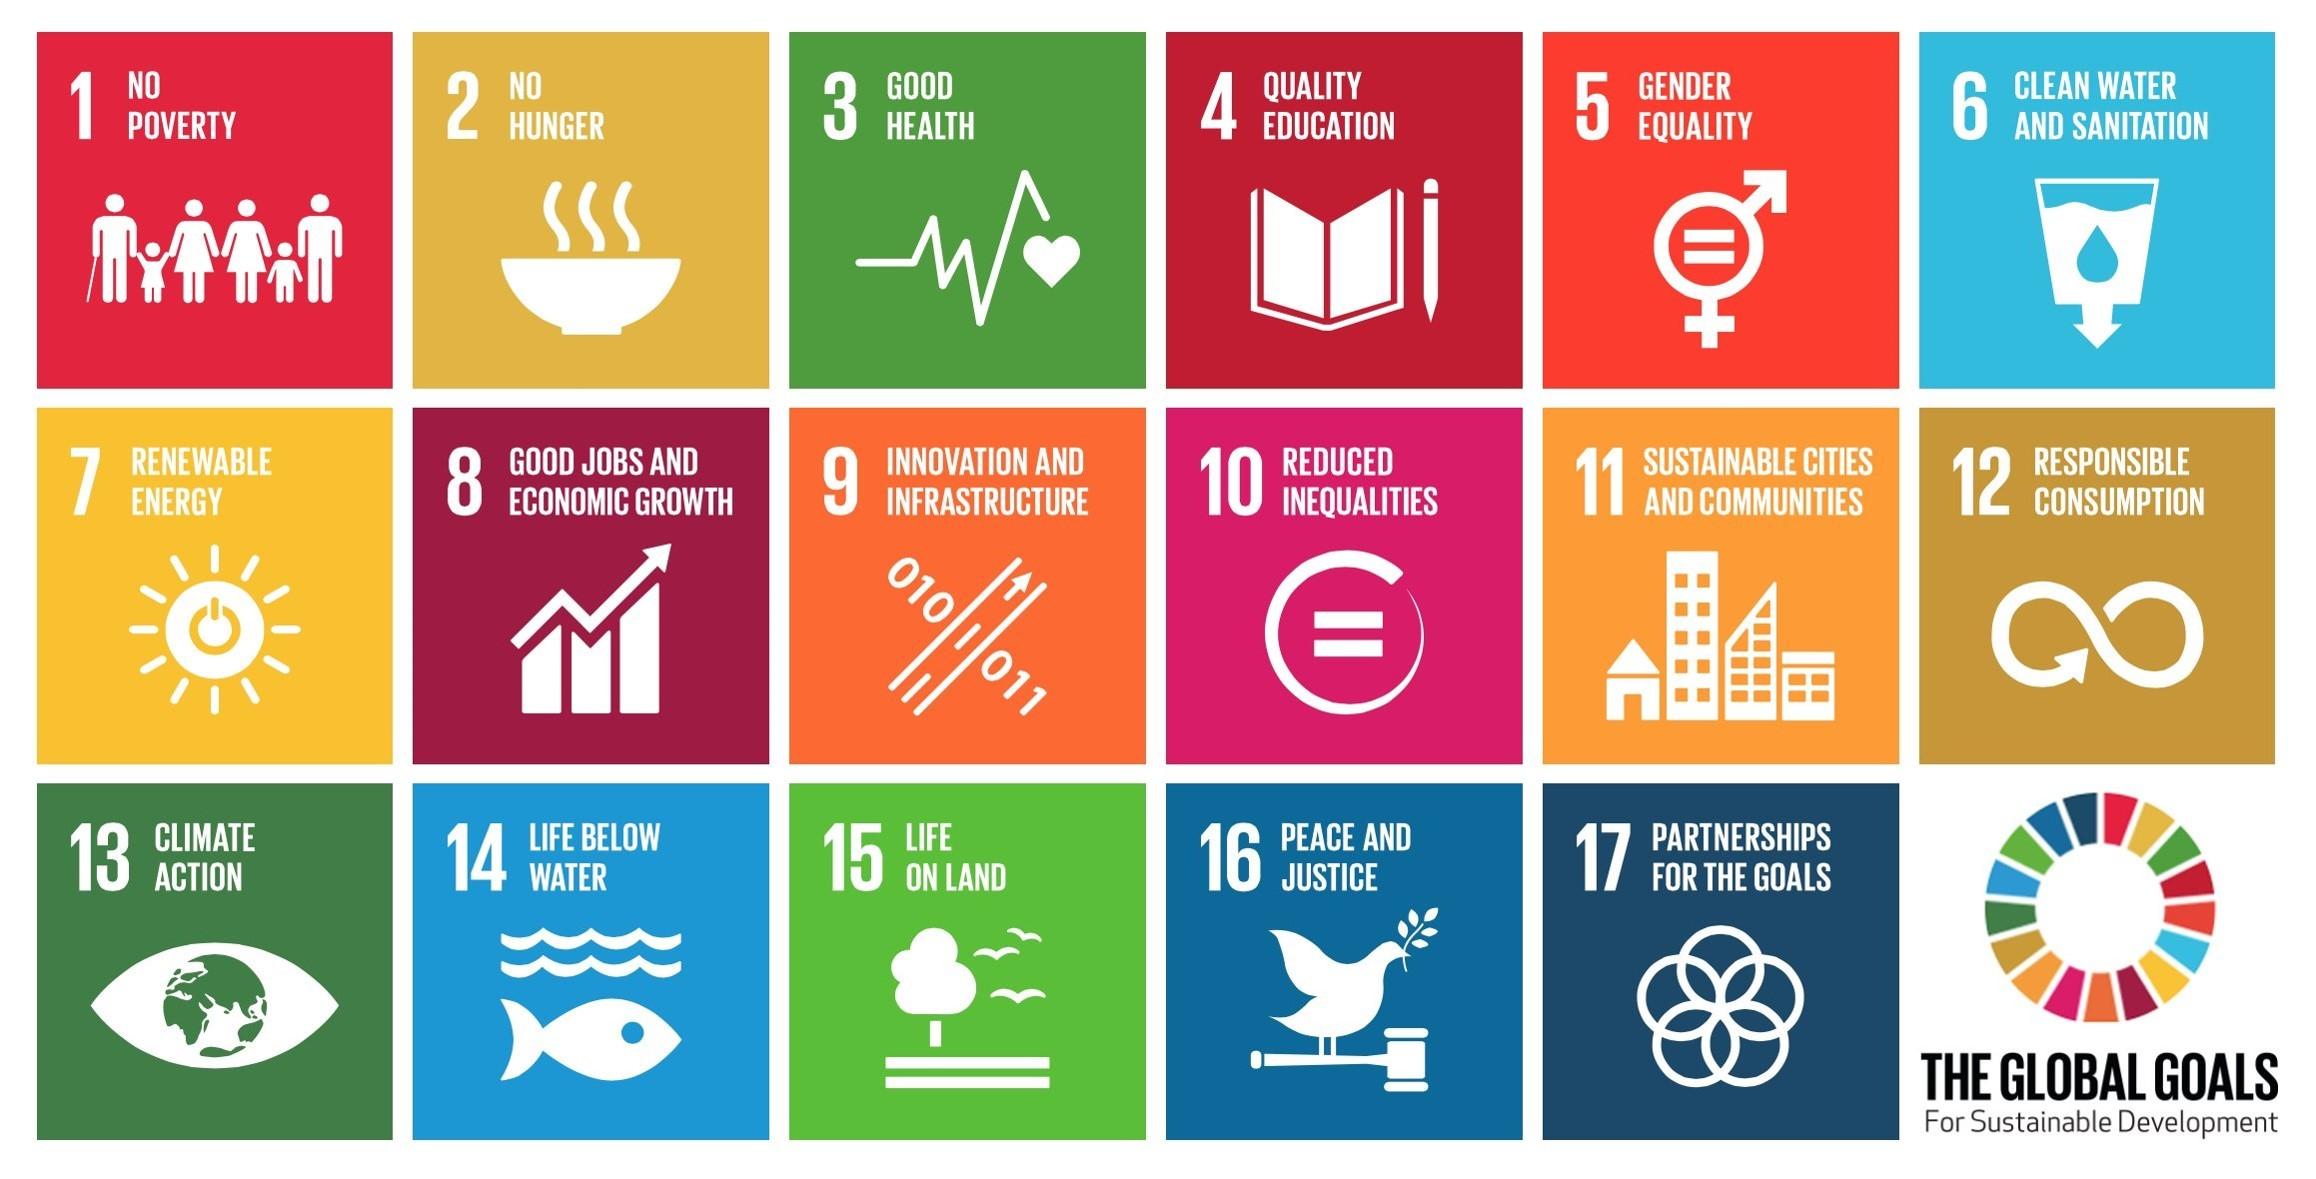 sustainability images